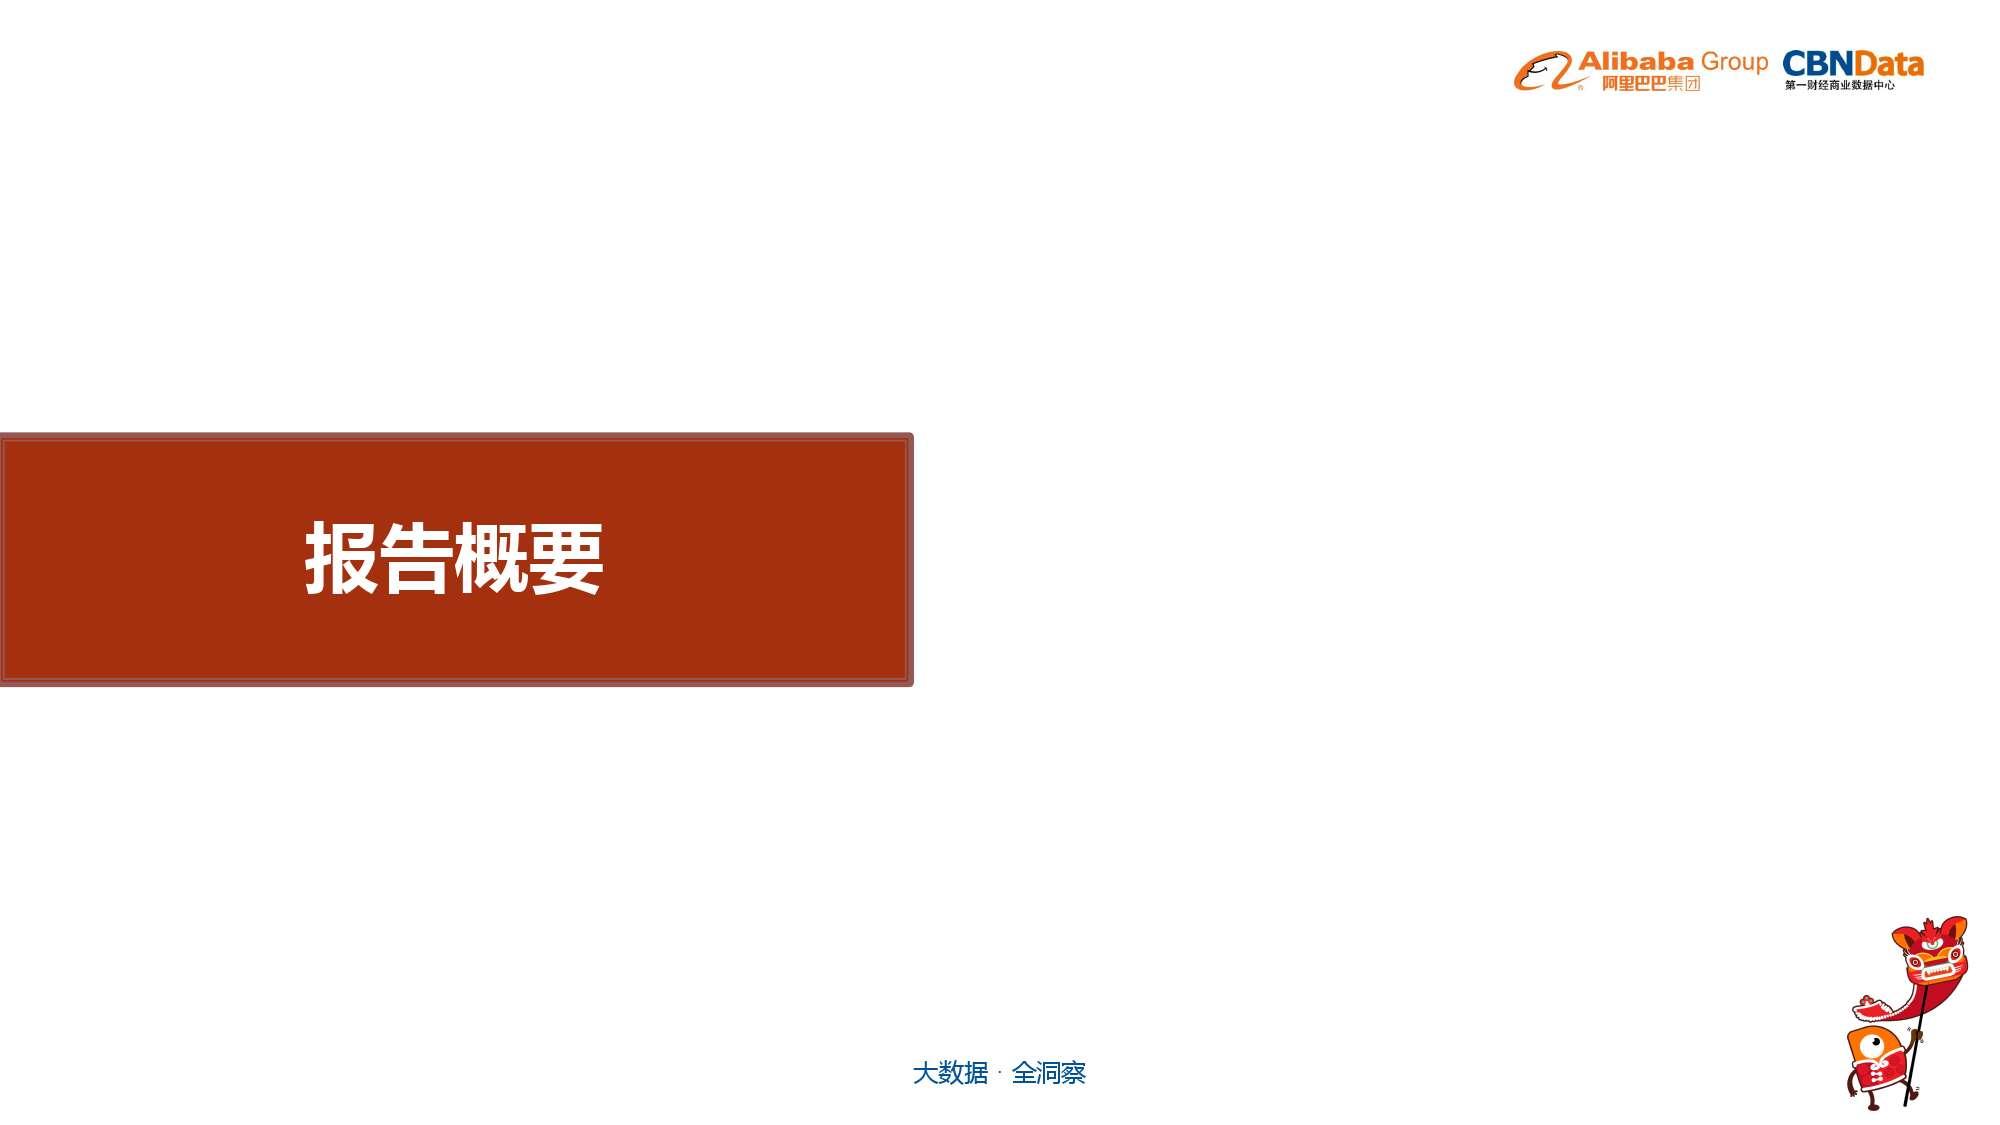 中国年货大数据报告_000004